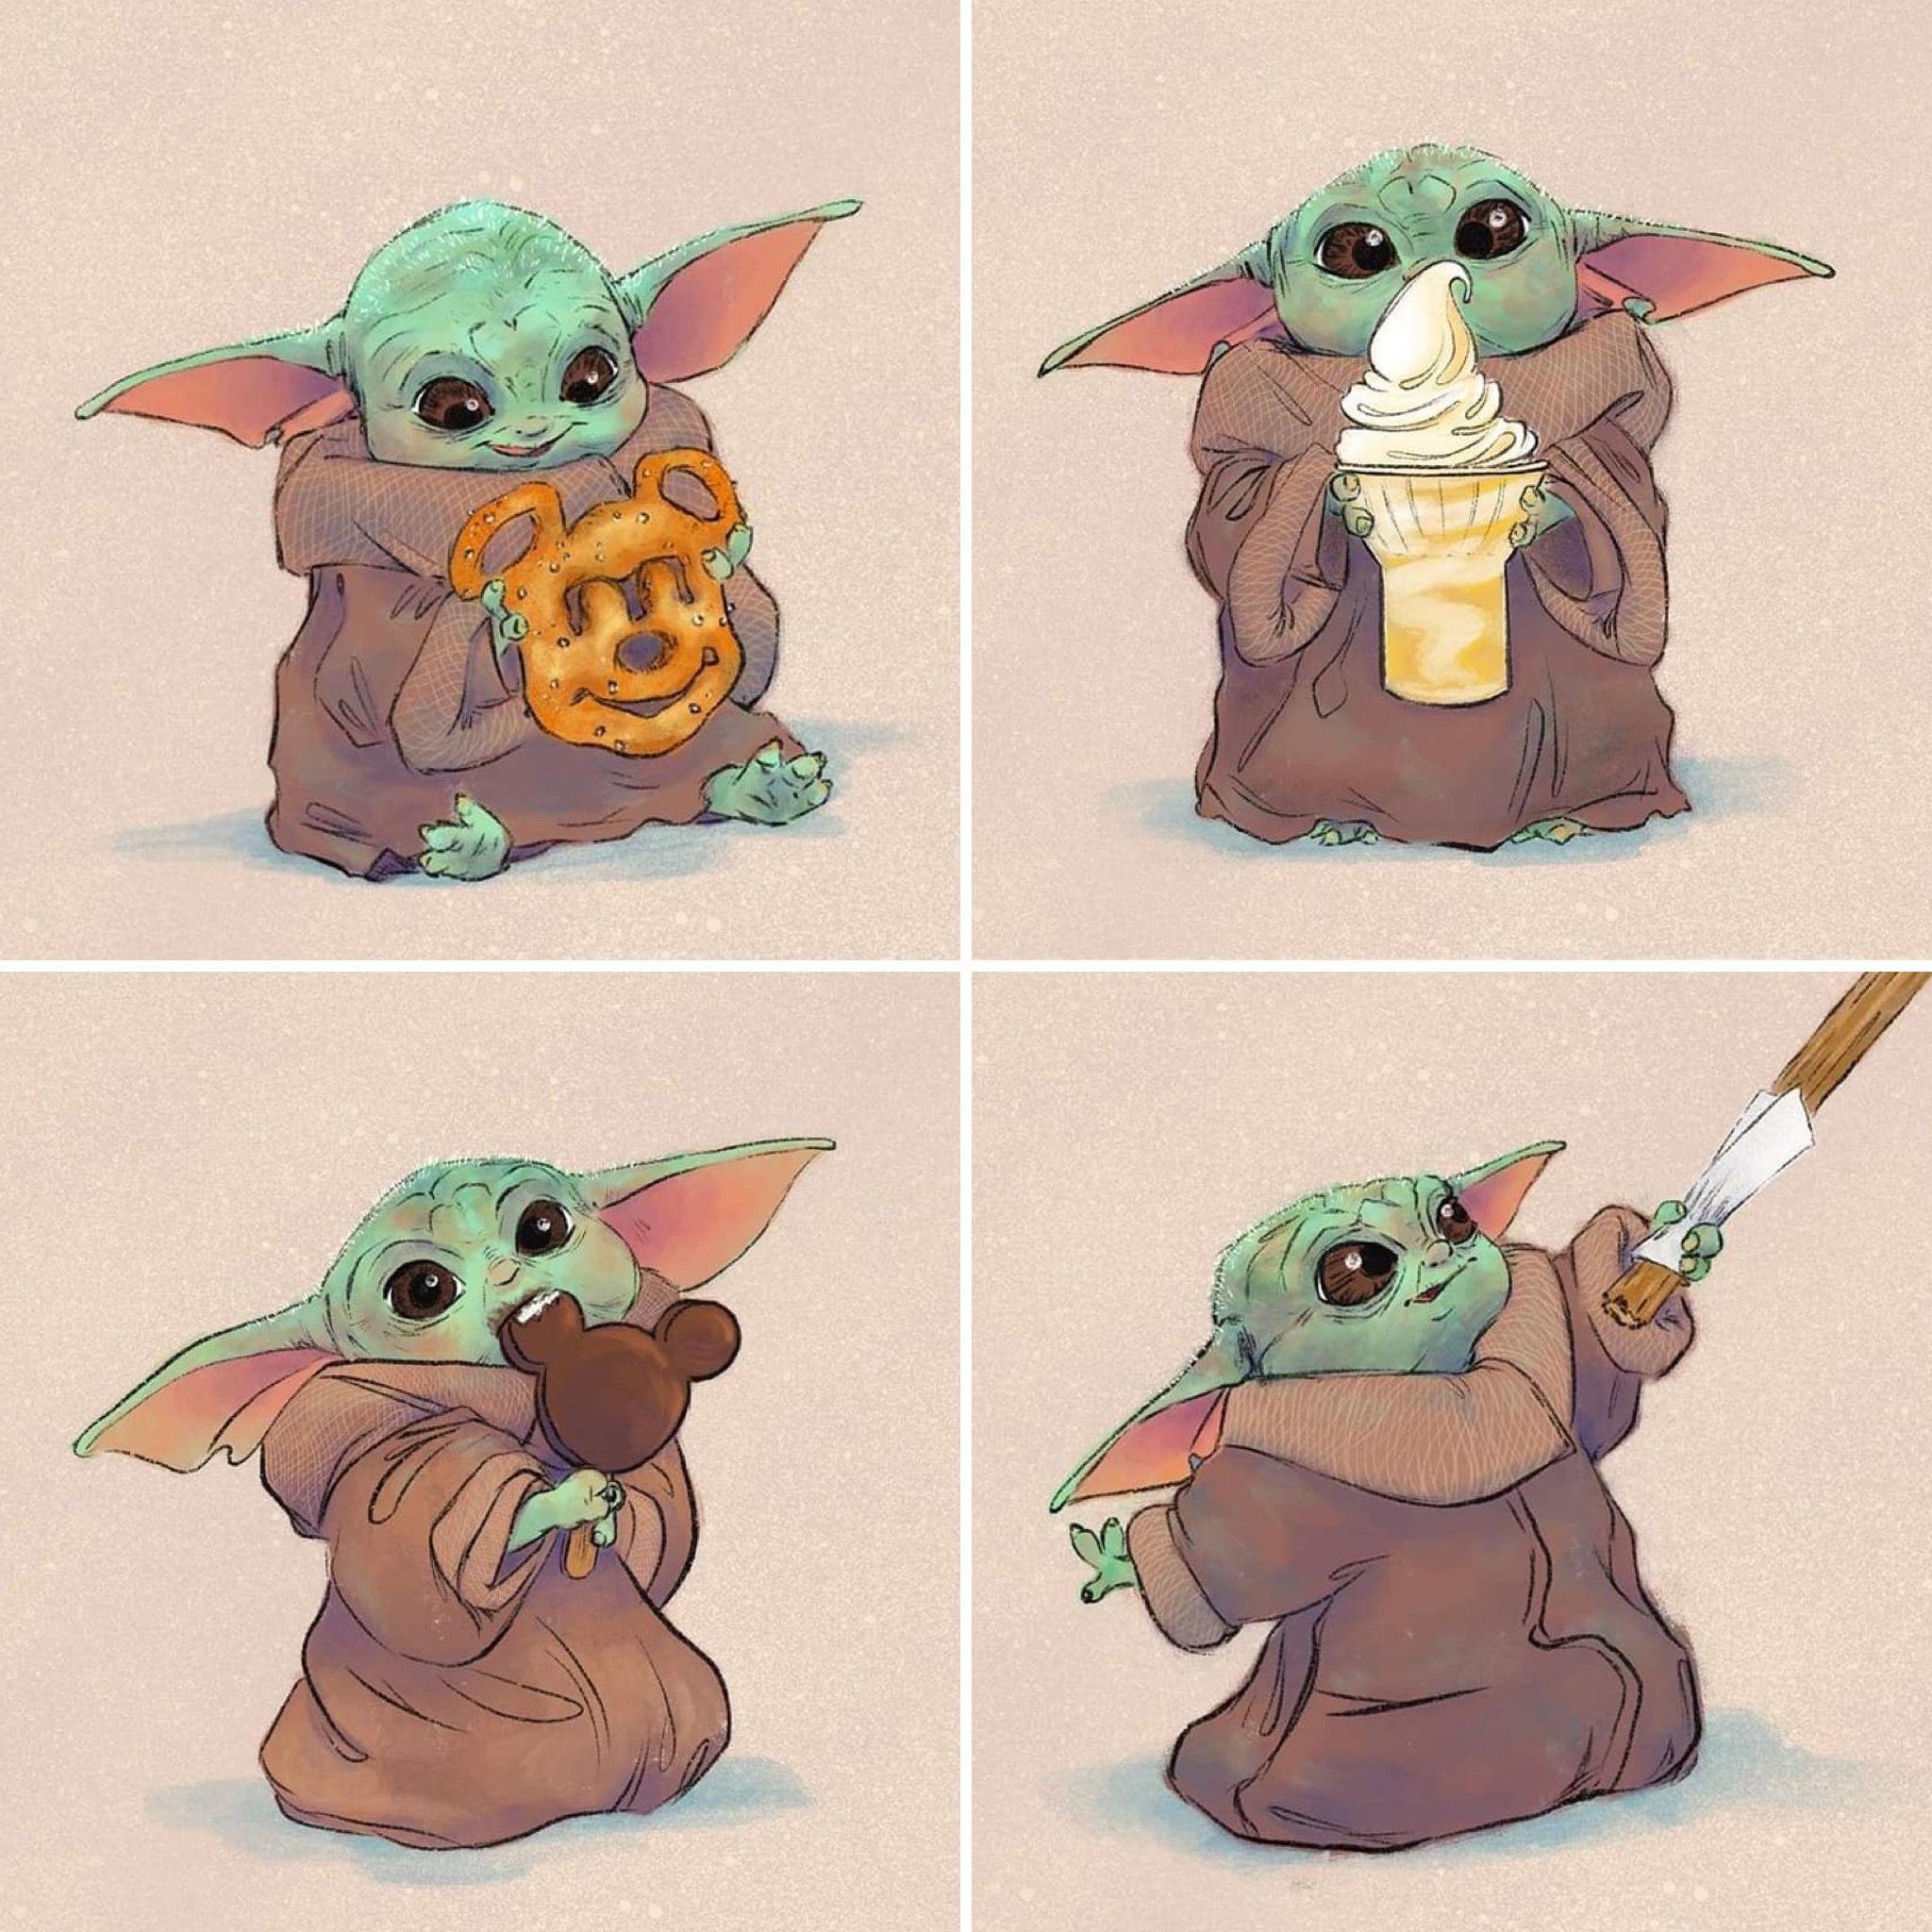 Baby Yoda In 2020 Star Wars Yoda Star Wars Art Star Wars Memes